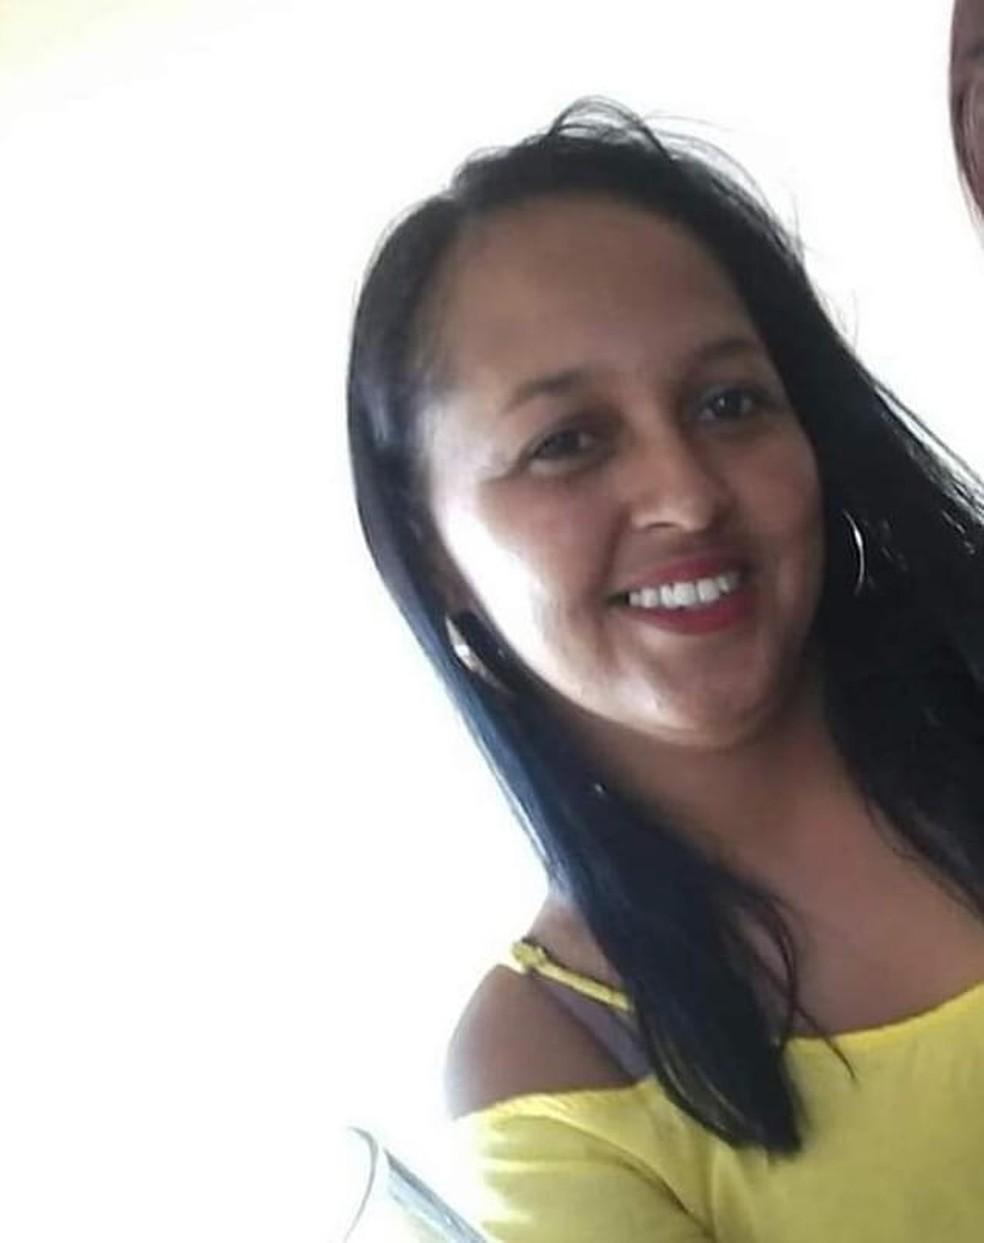 Janaina morreu com tiro na cabeça  Foto: Redes sociais